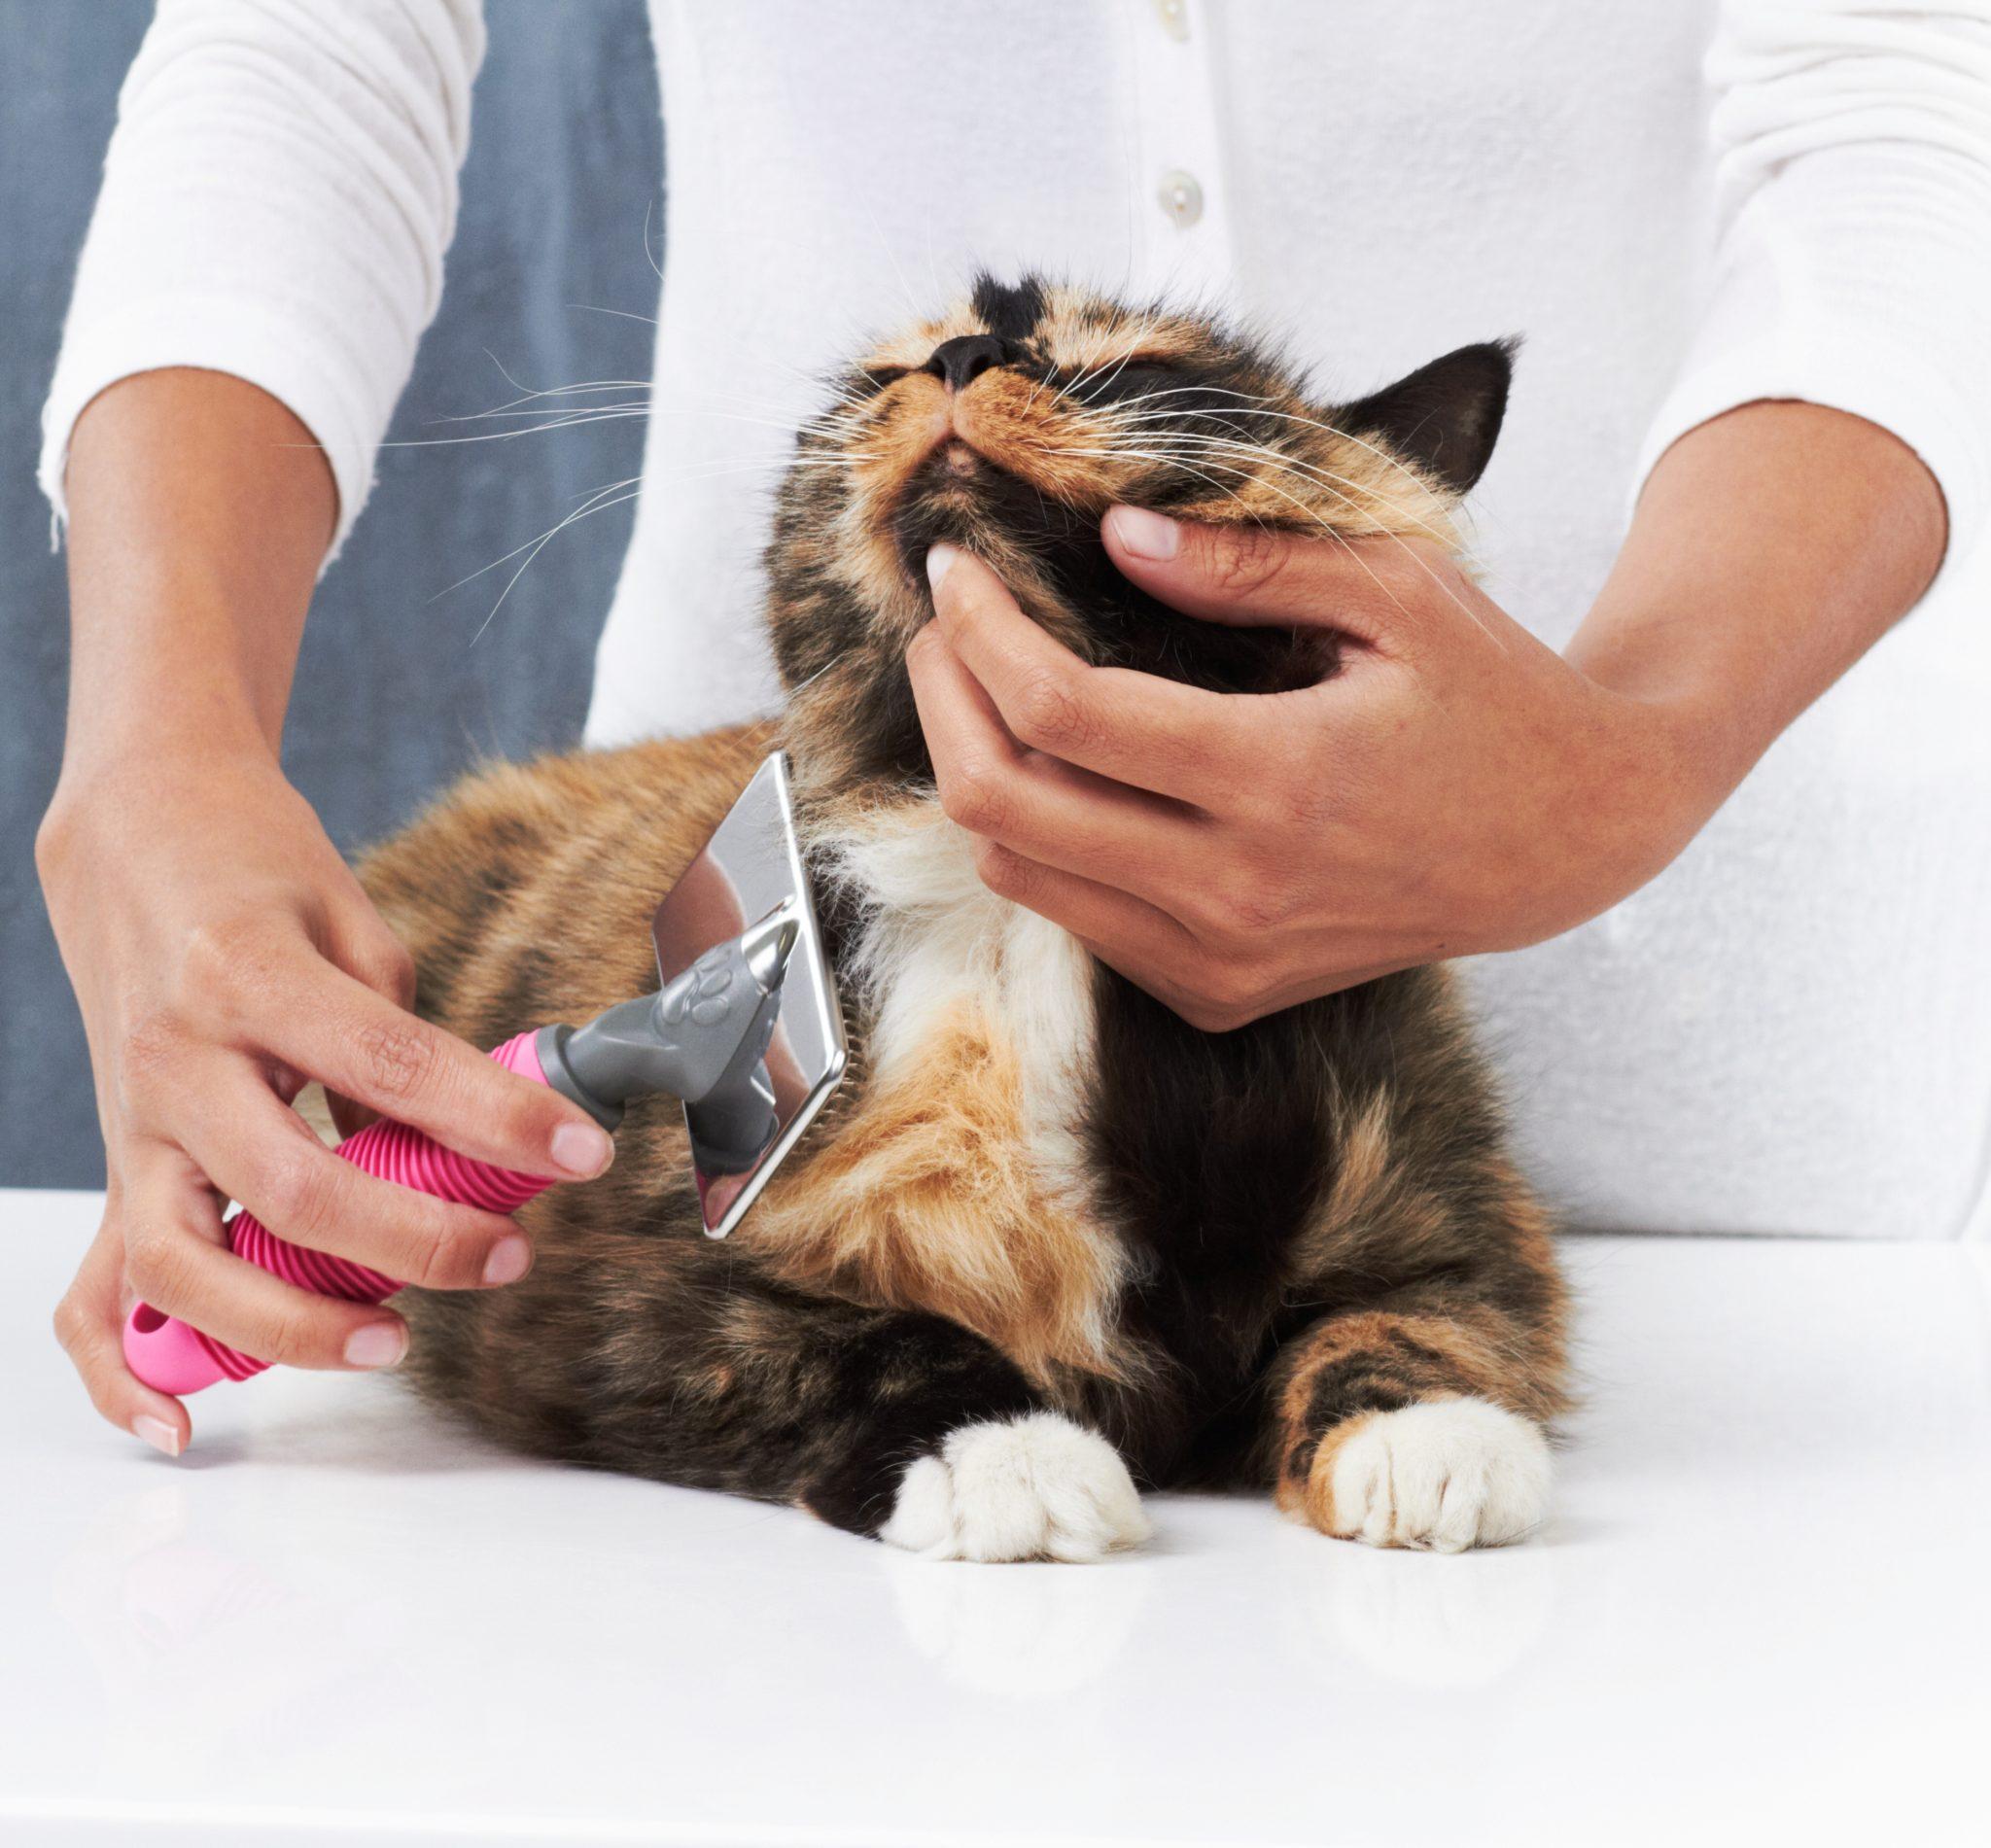 La cardatura del pelo del gatto